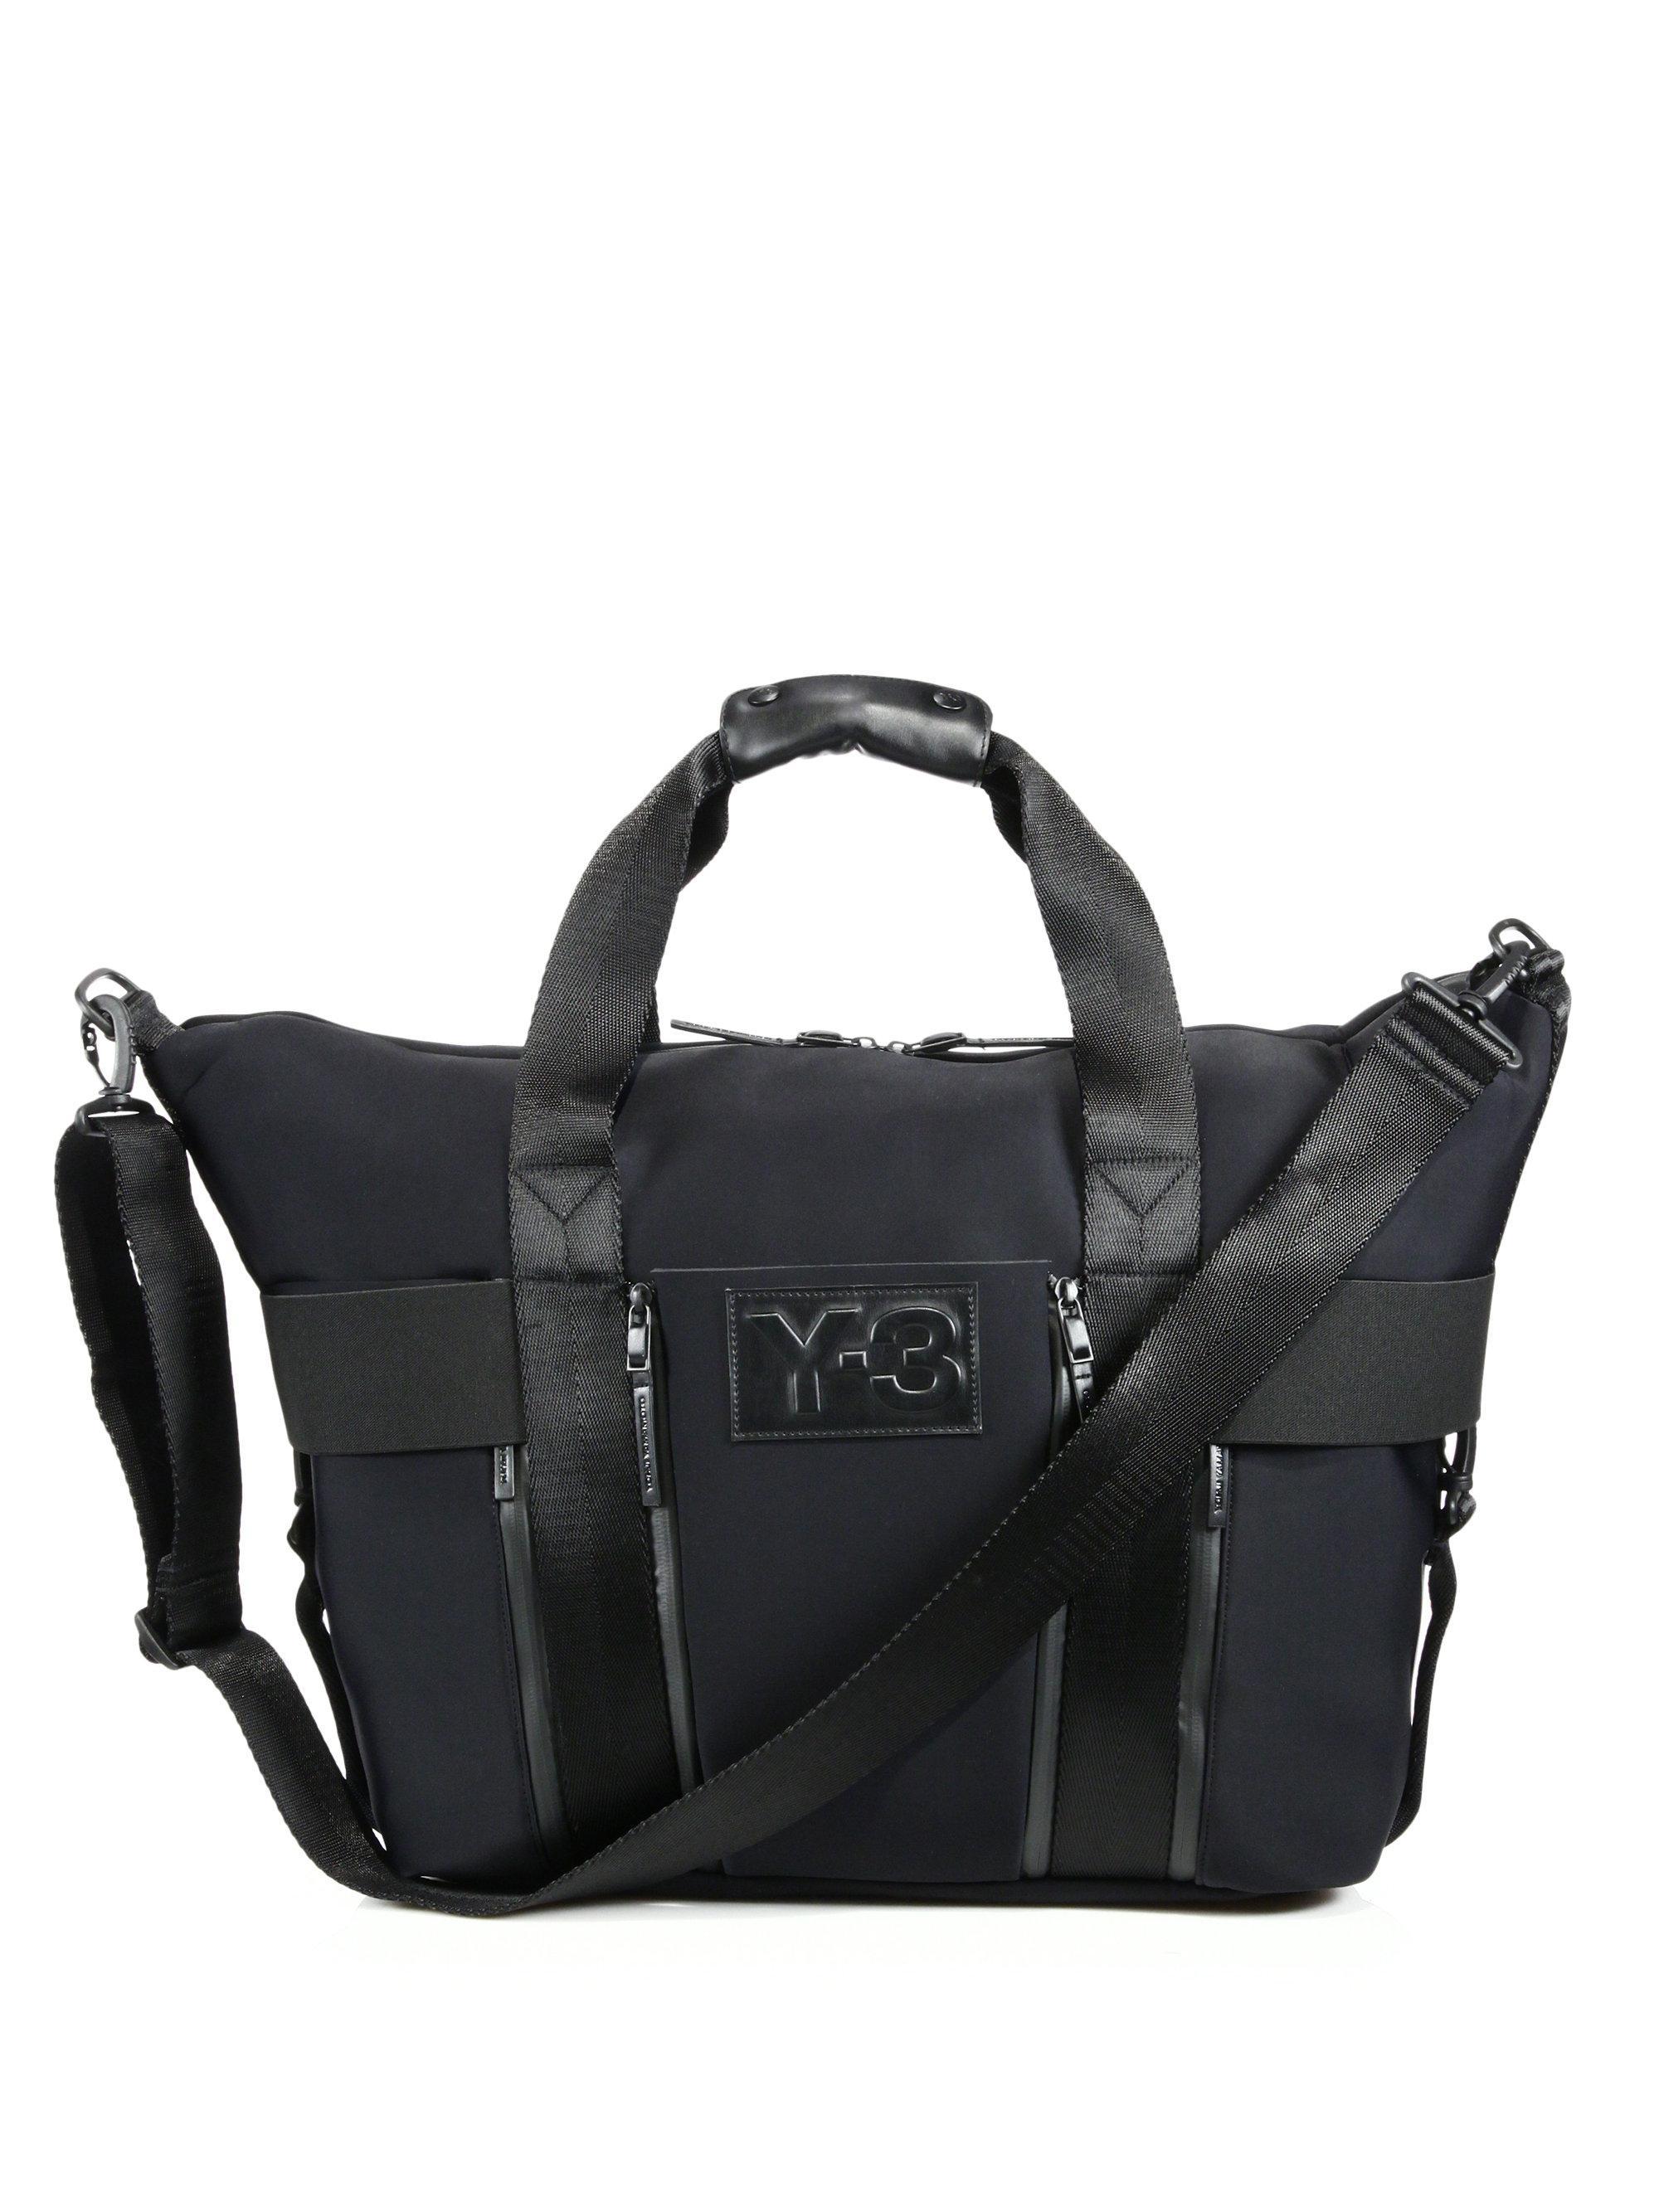 a79168fb5a Y-3 Qasa Gym Bag in Black for Men - Lyst